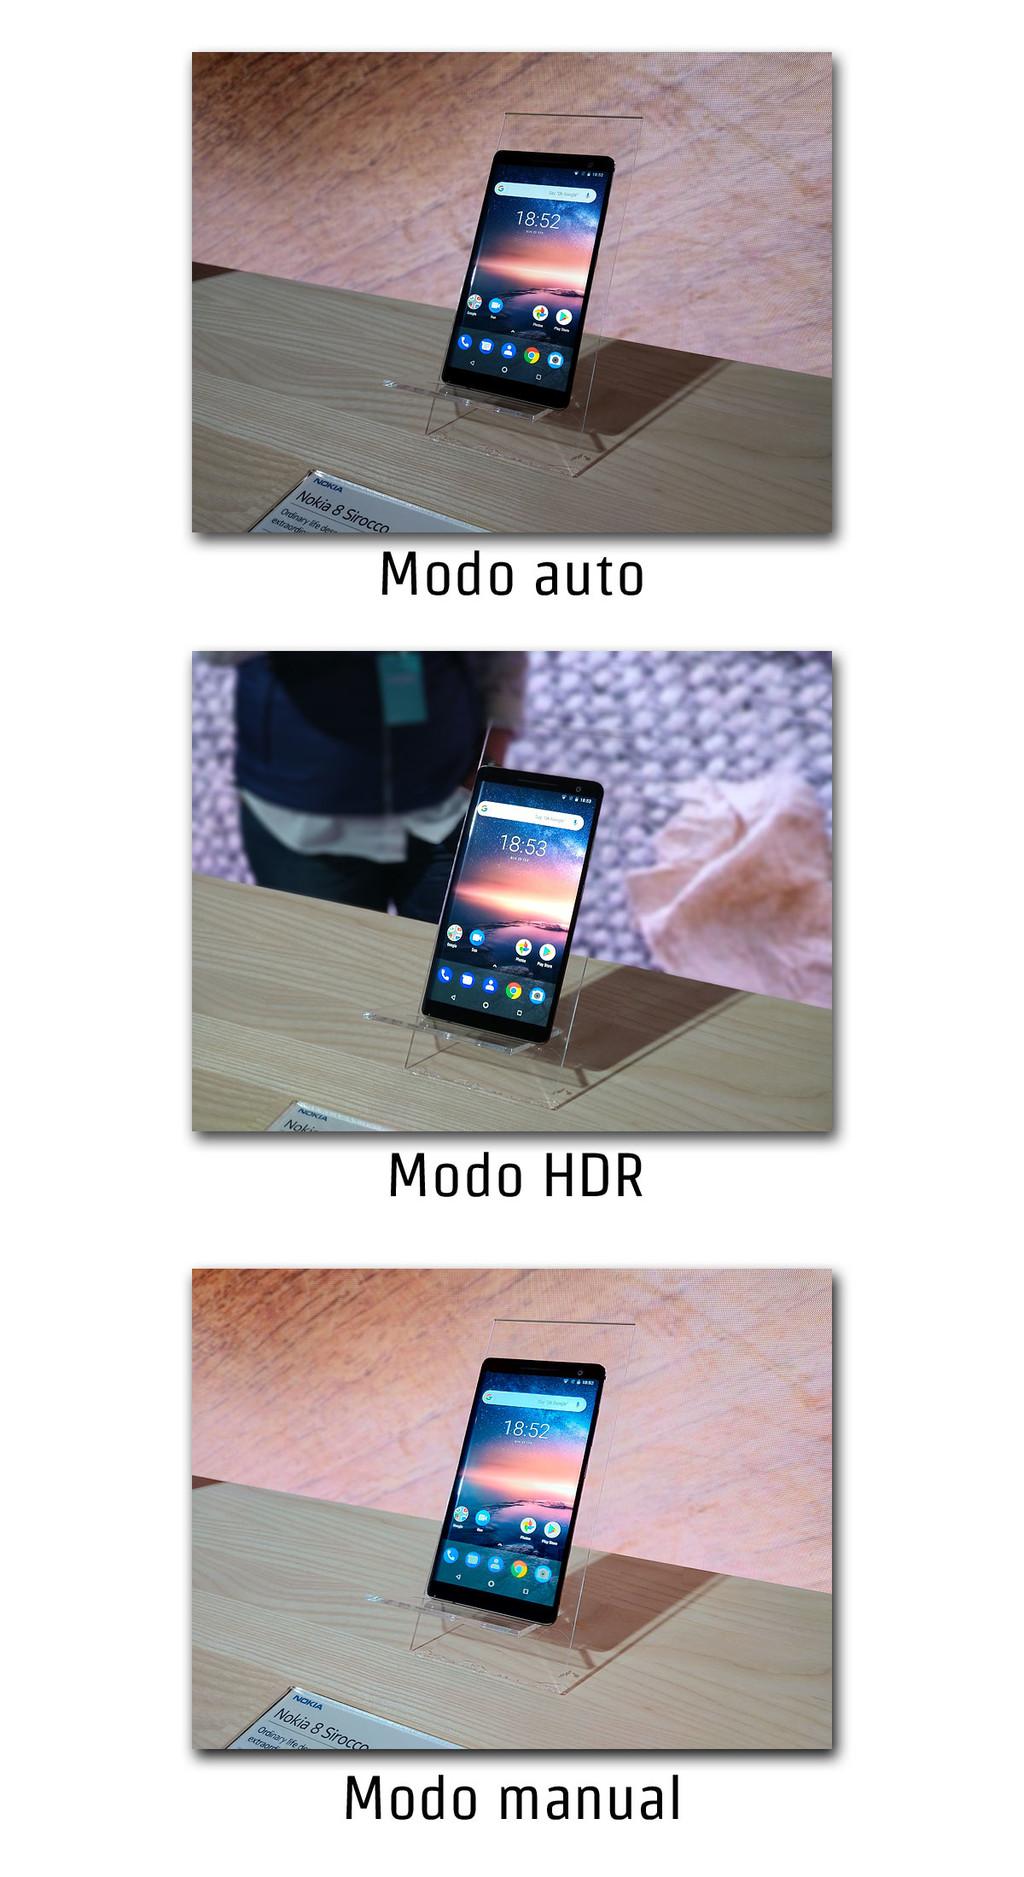 Nokia 8 Sirocco Modos